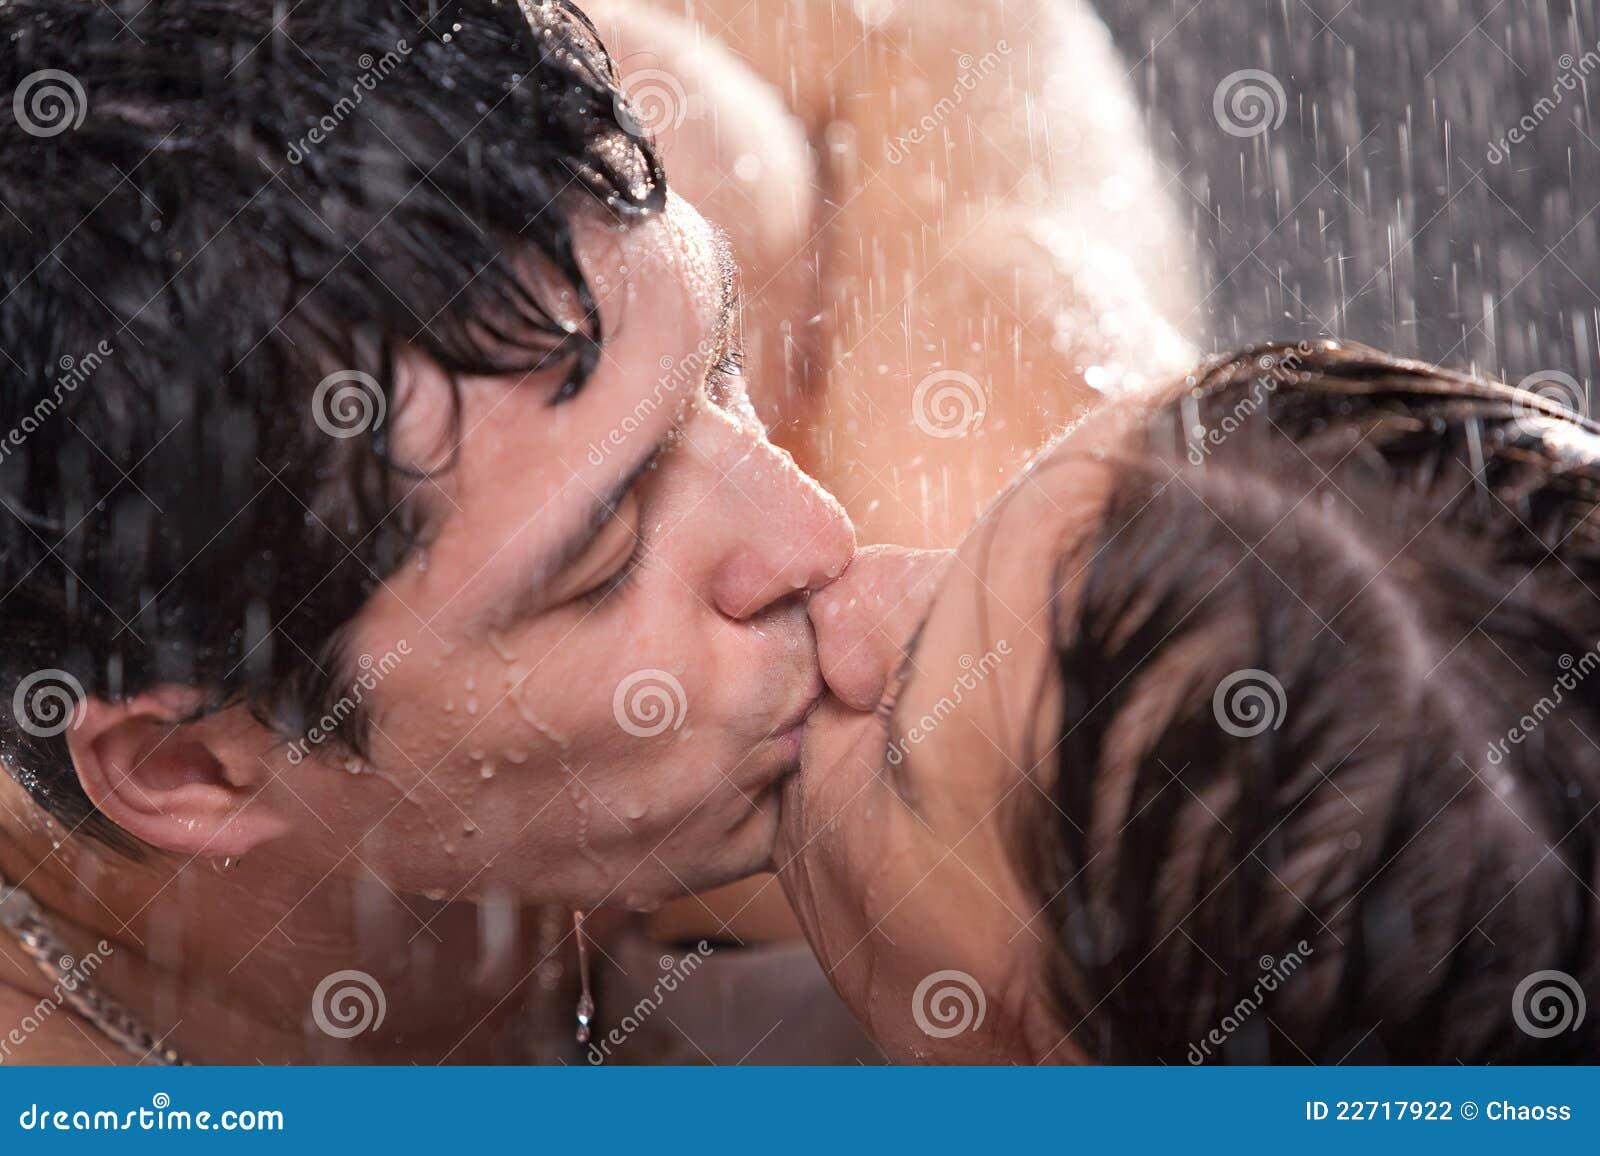 Трахнул под дождём, Она просто в экстазе от страстного секса под дождем » 23 фотография